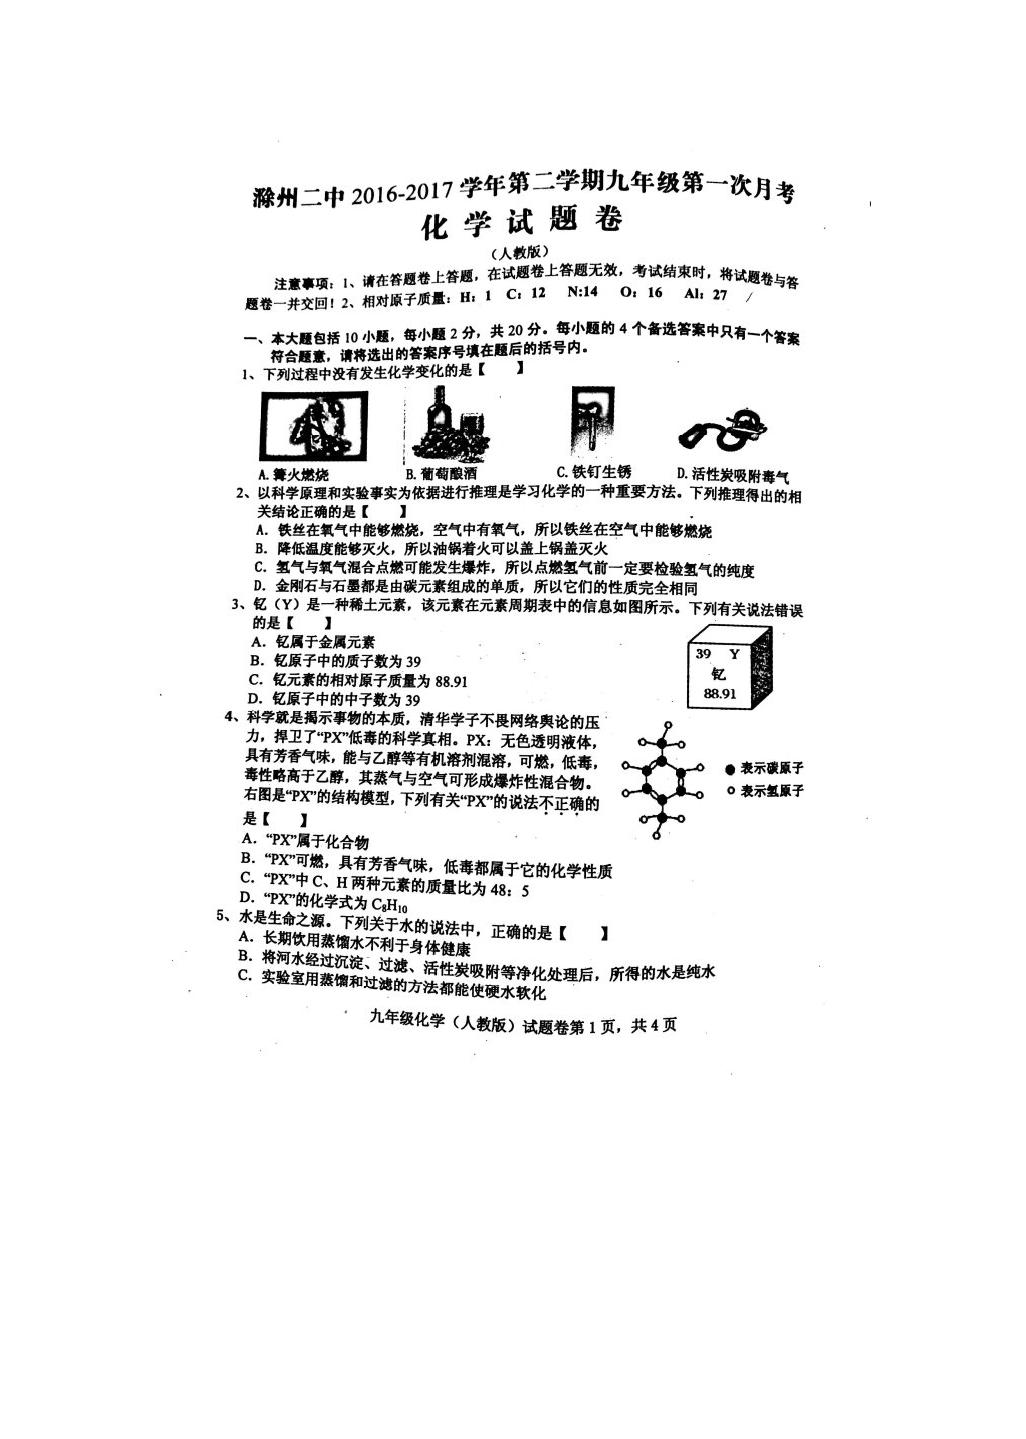 安徽滁州二中2016-2017第二学期九年级化学第一次月考试题(图片版)